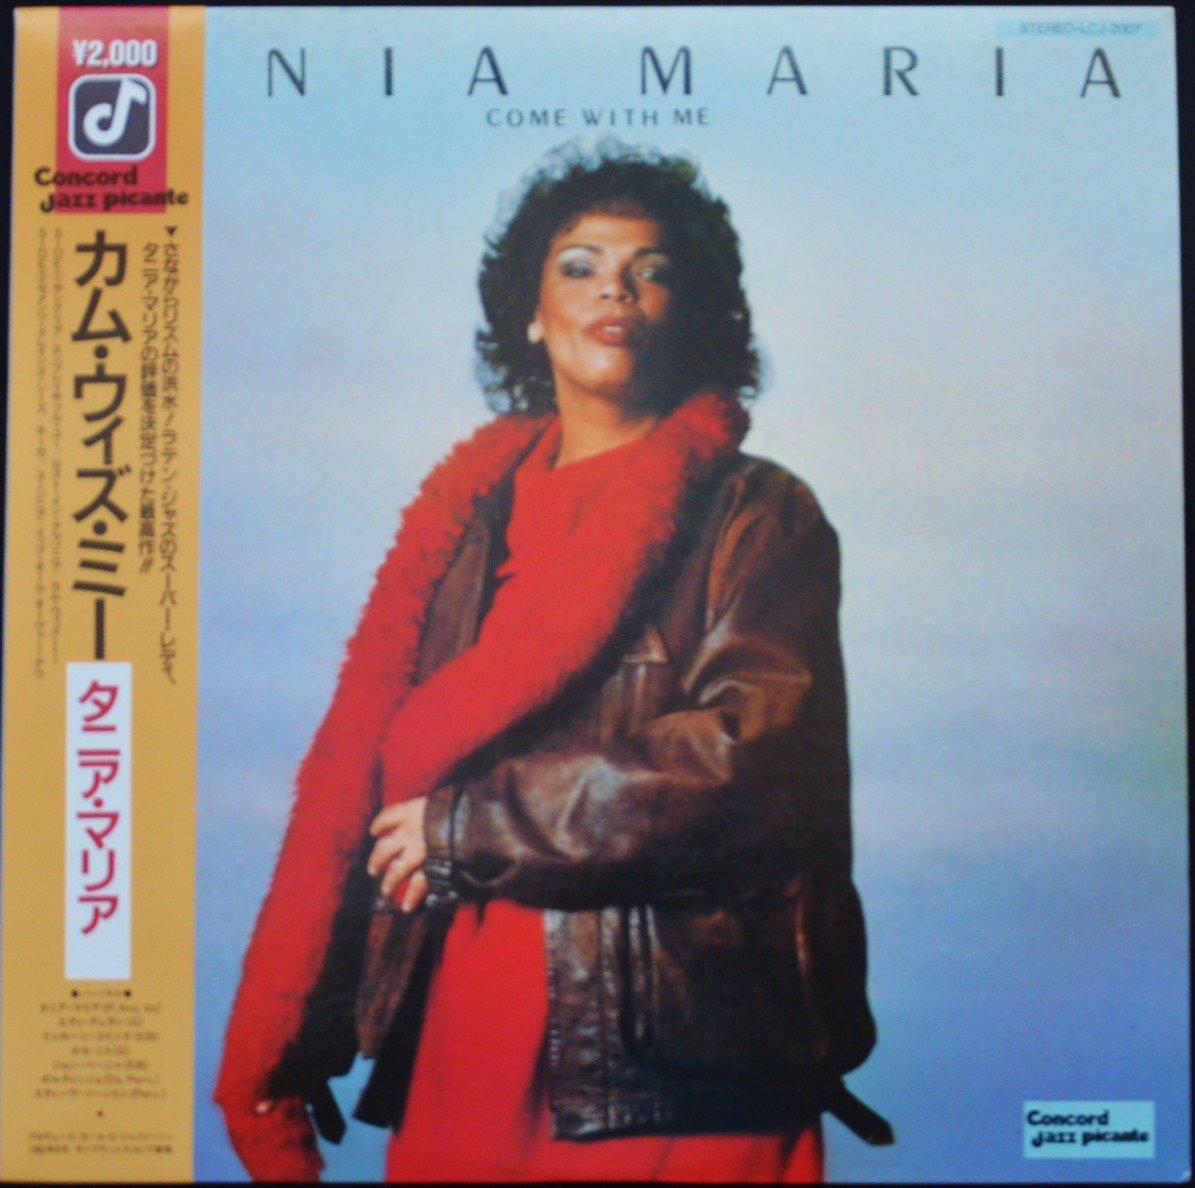 タニア・マリア TANIA MARIA / カム・ウィズ・ミー COME WITH ME (LP)